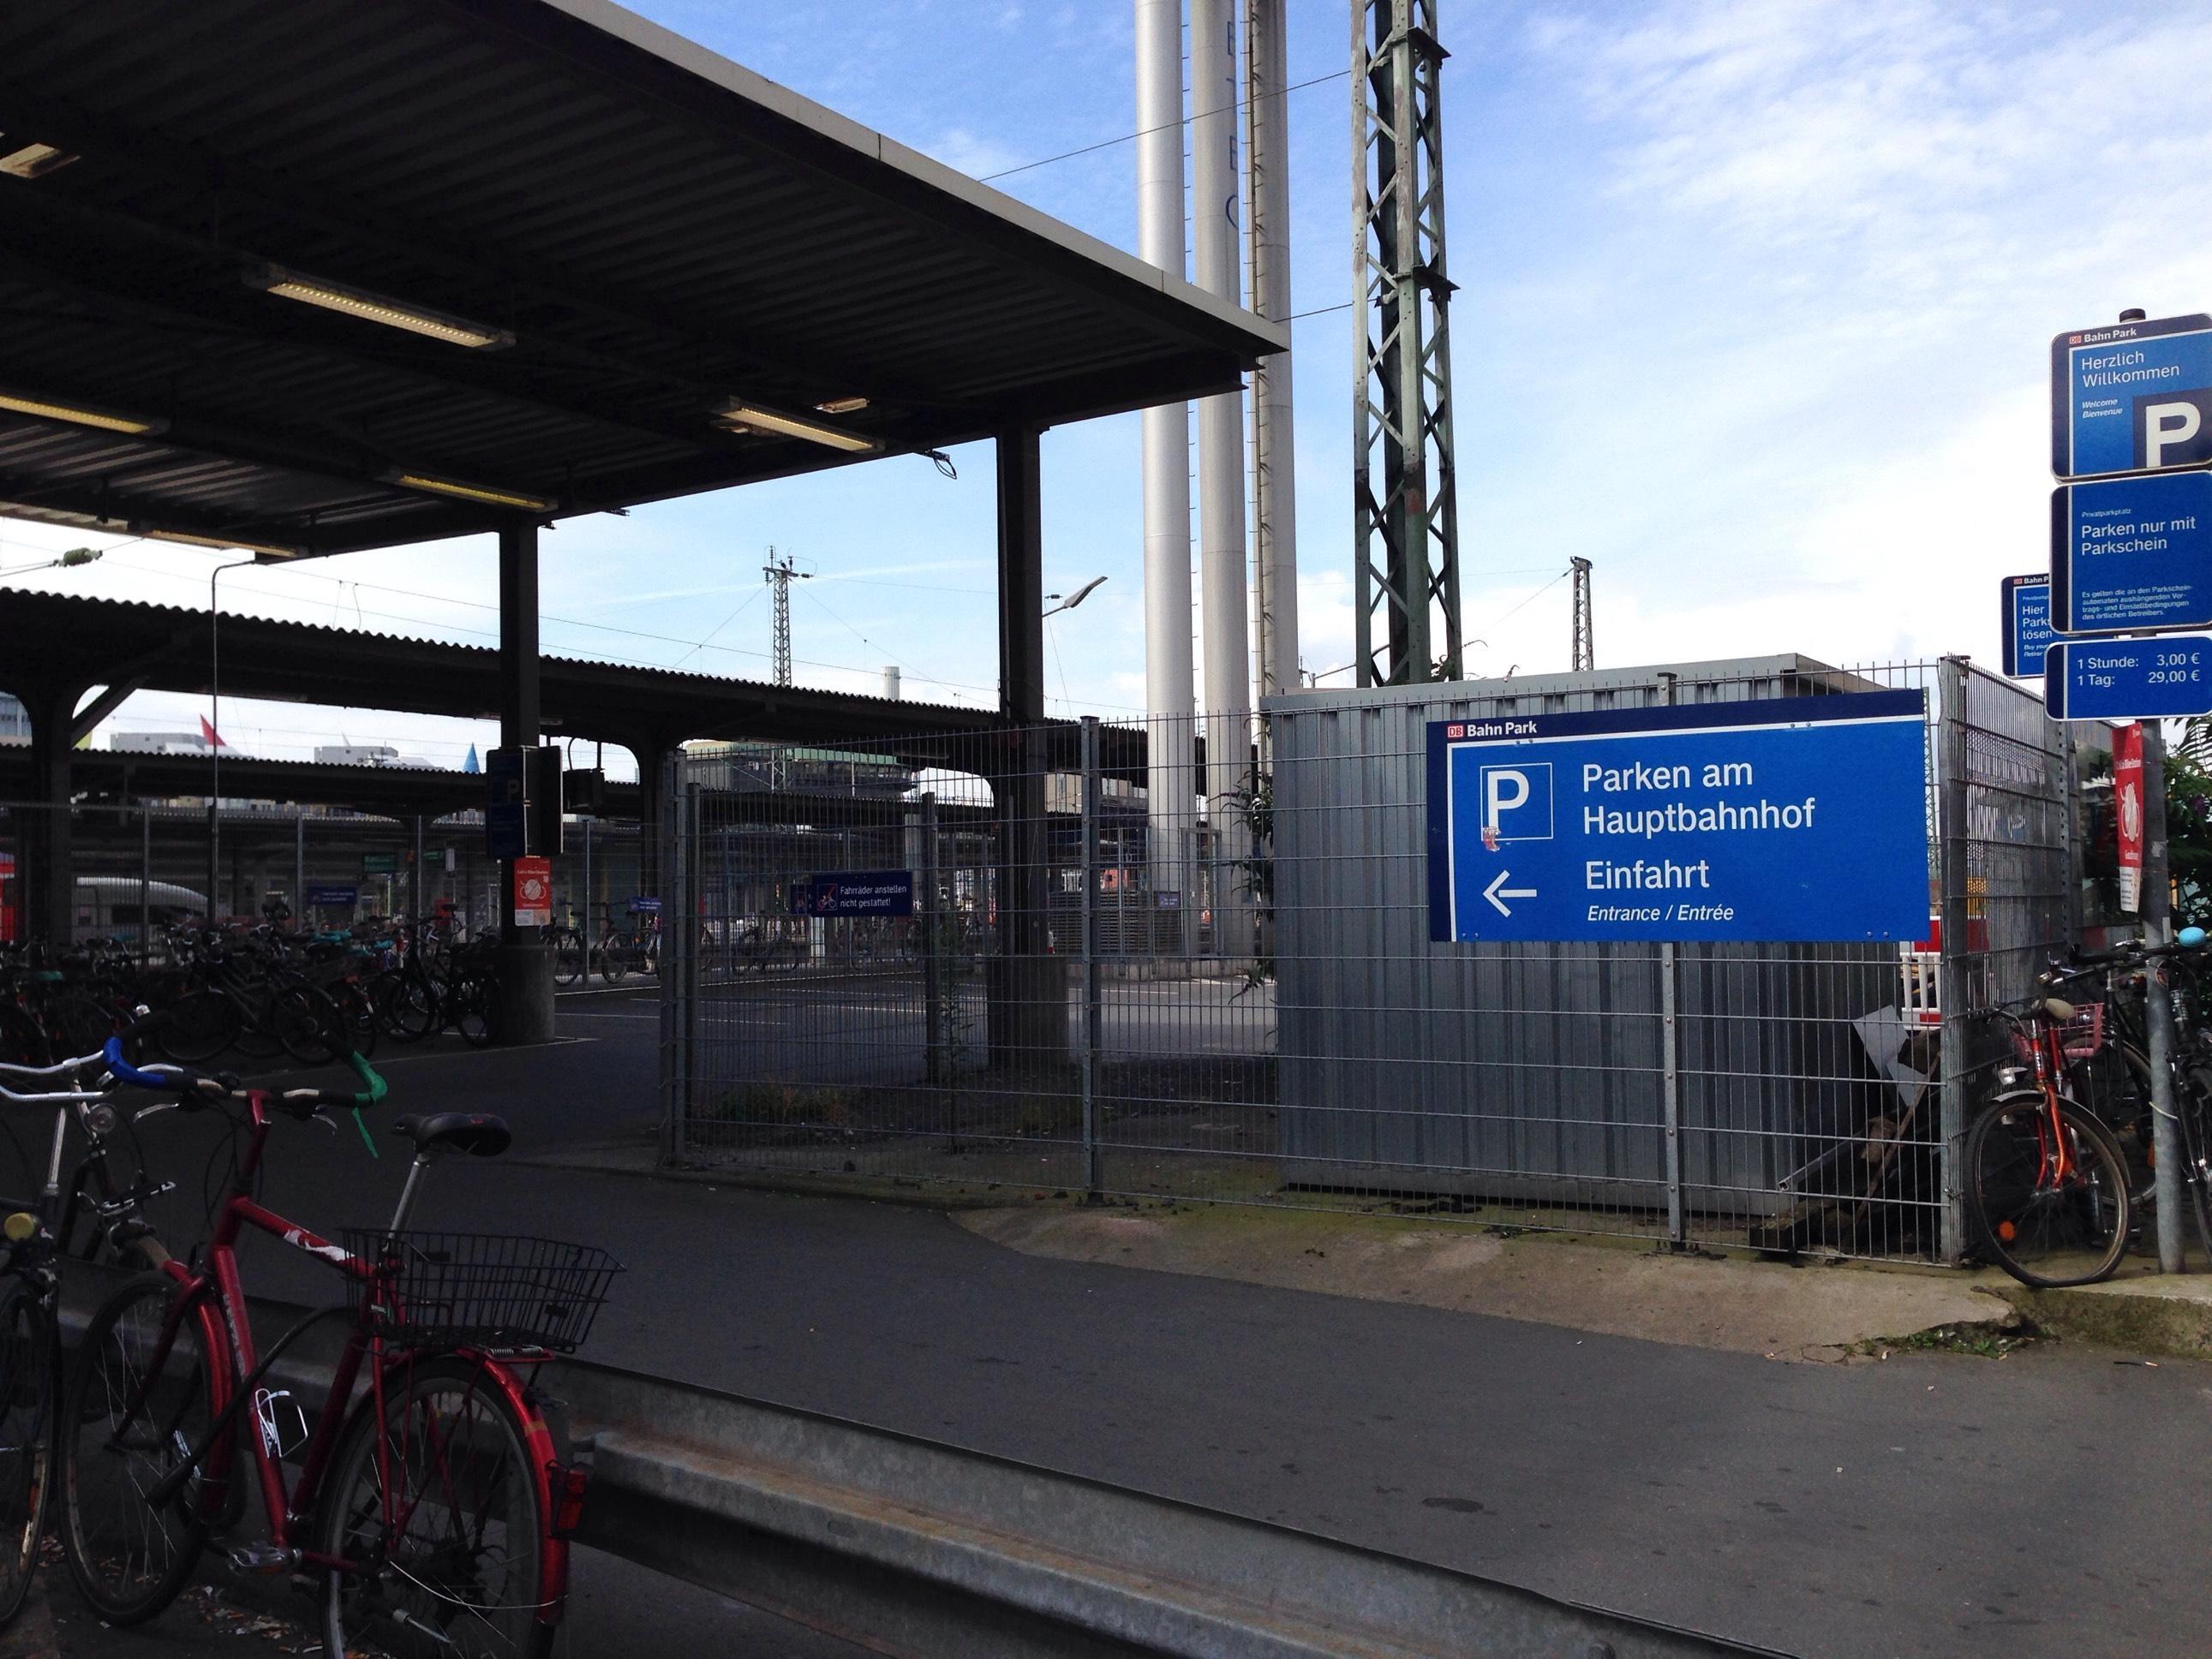 Frankfurt Am Main Parken